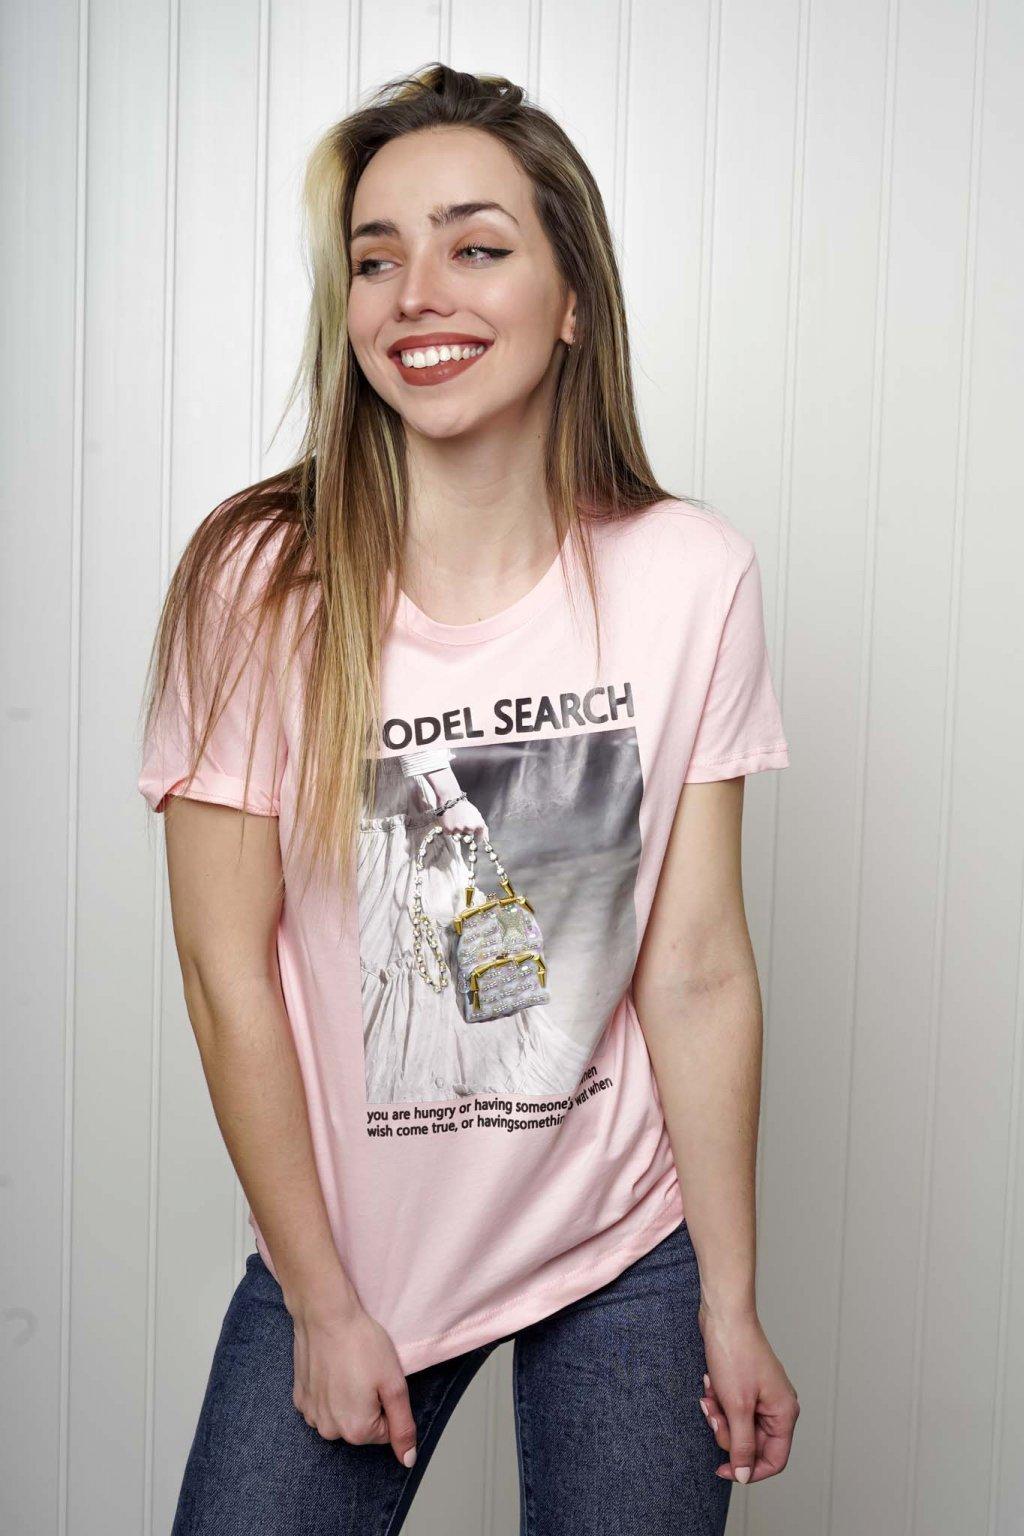 tričko, tričkové šaty, biele, čierne, žlté, vzorované, potlač, vyšívané, nášivky, fialové, street style, 261